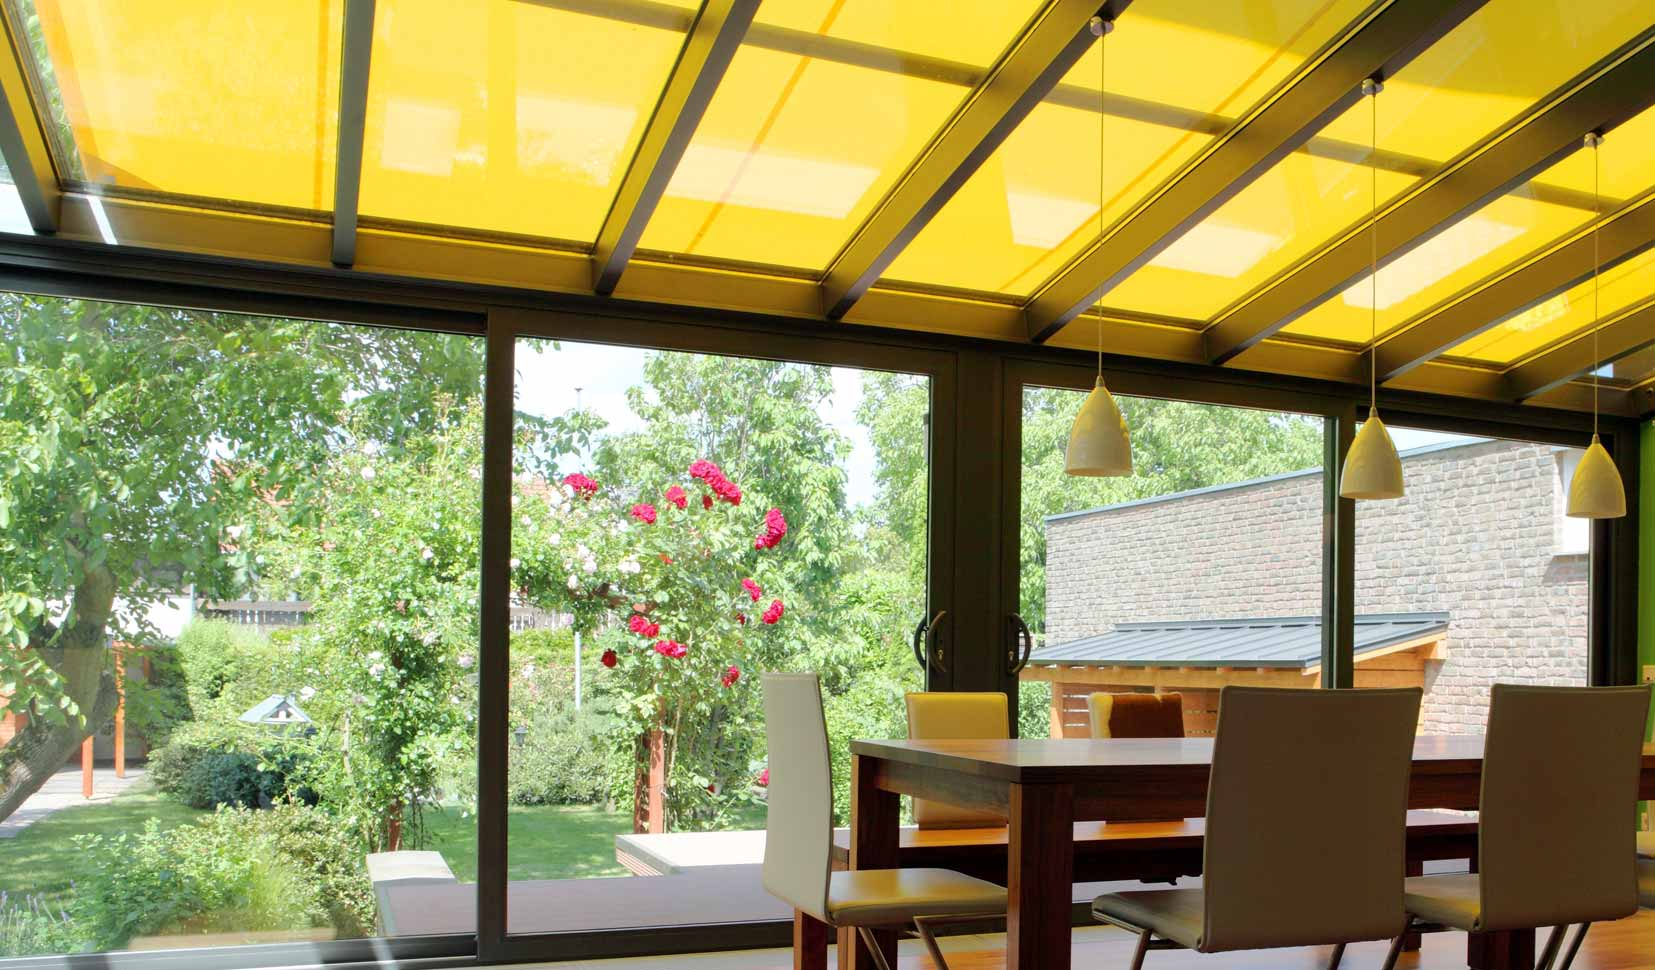 msk winterg rten gmbh ihr spezialist f r winterg rten in berlin und brandenburg wintergarten. Black Bedroom Furniture Sets. Home Design Ideas